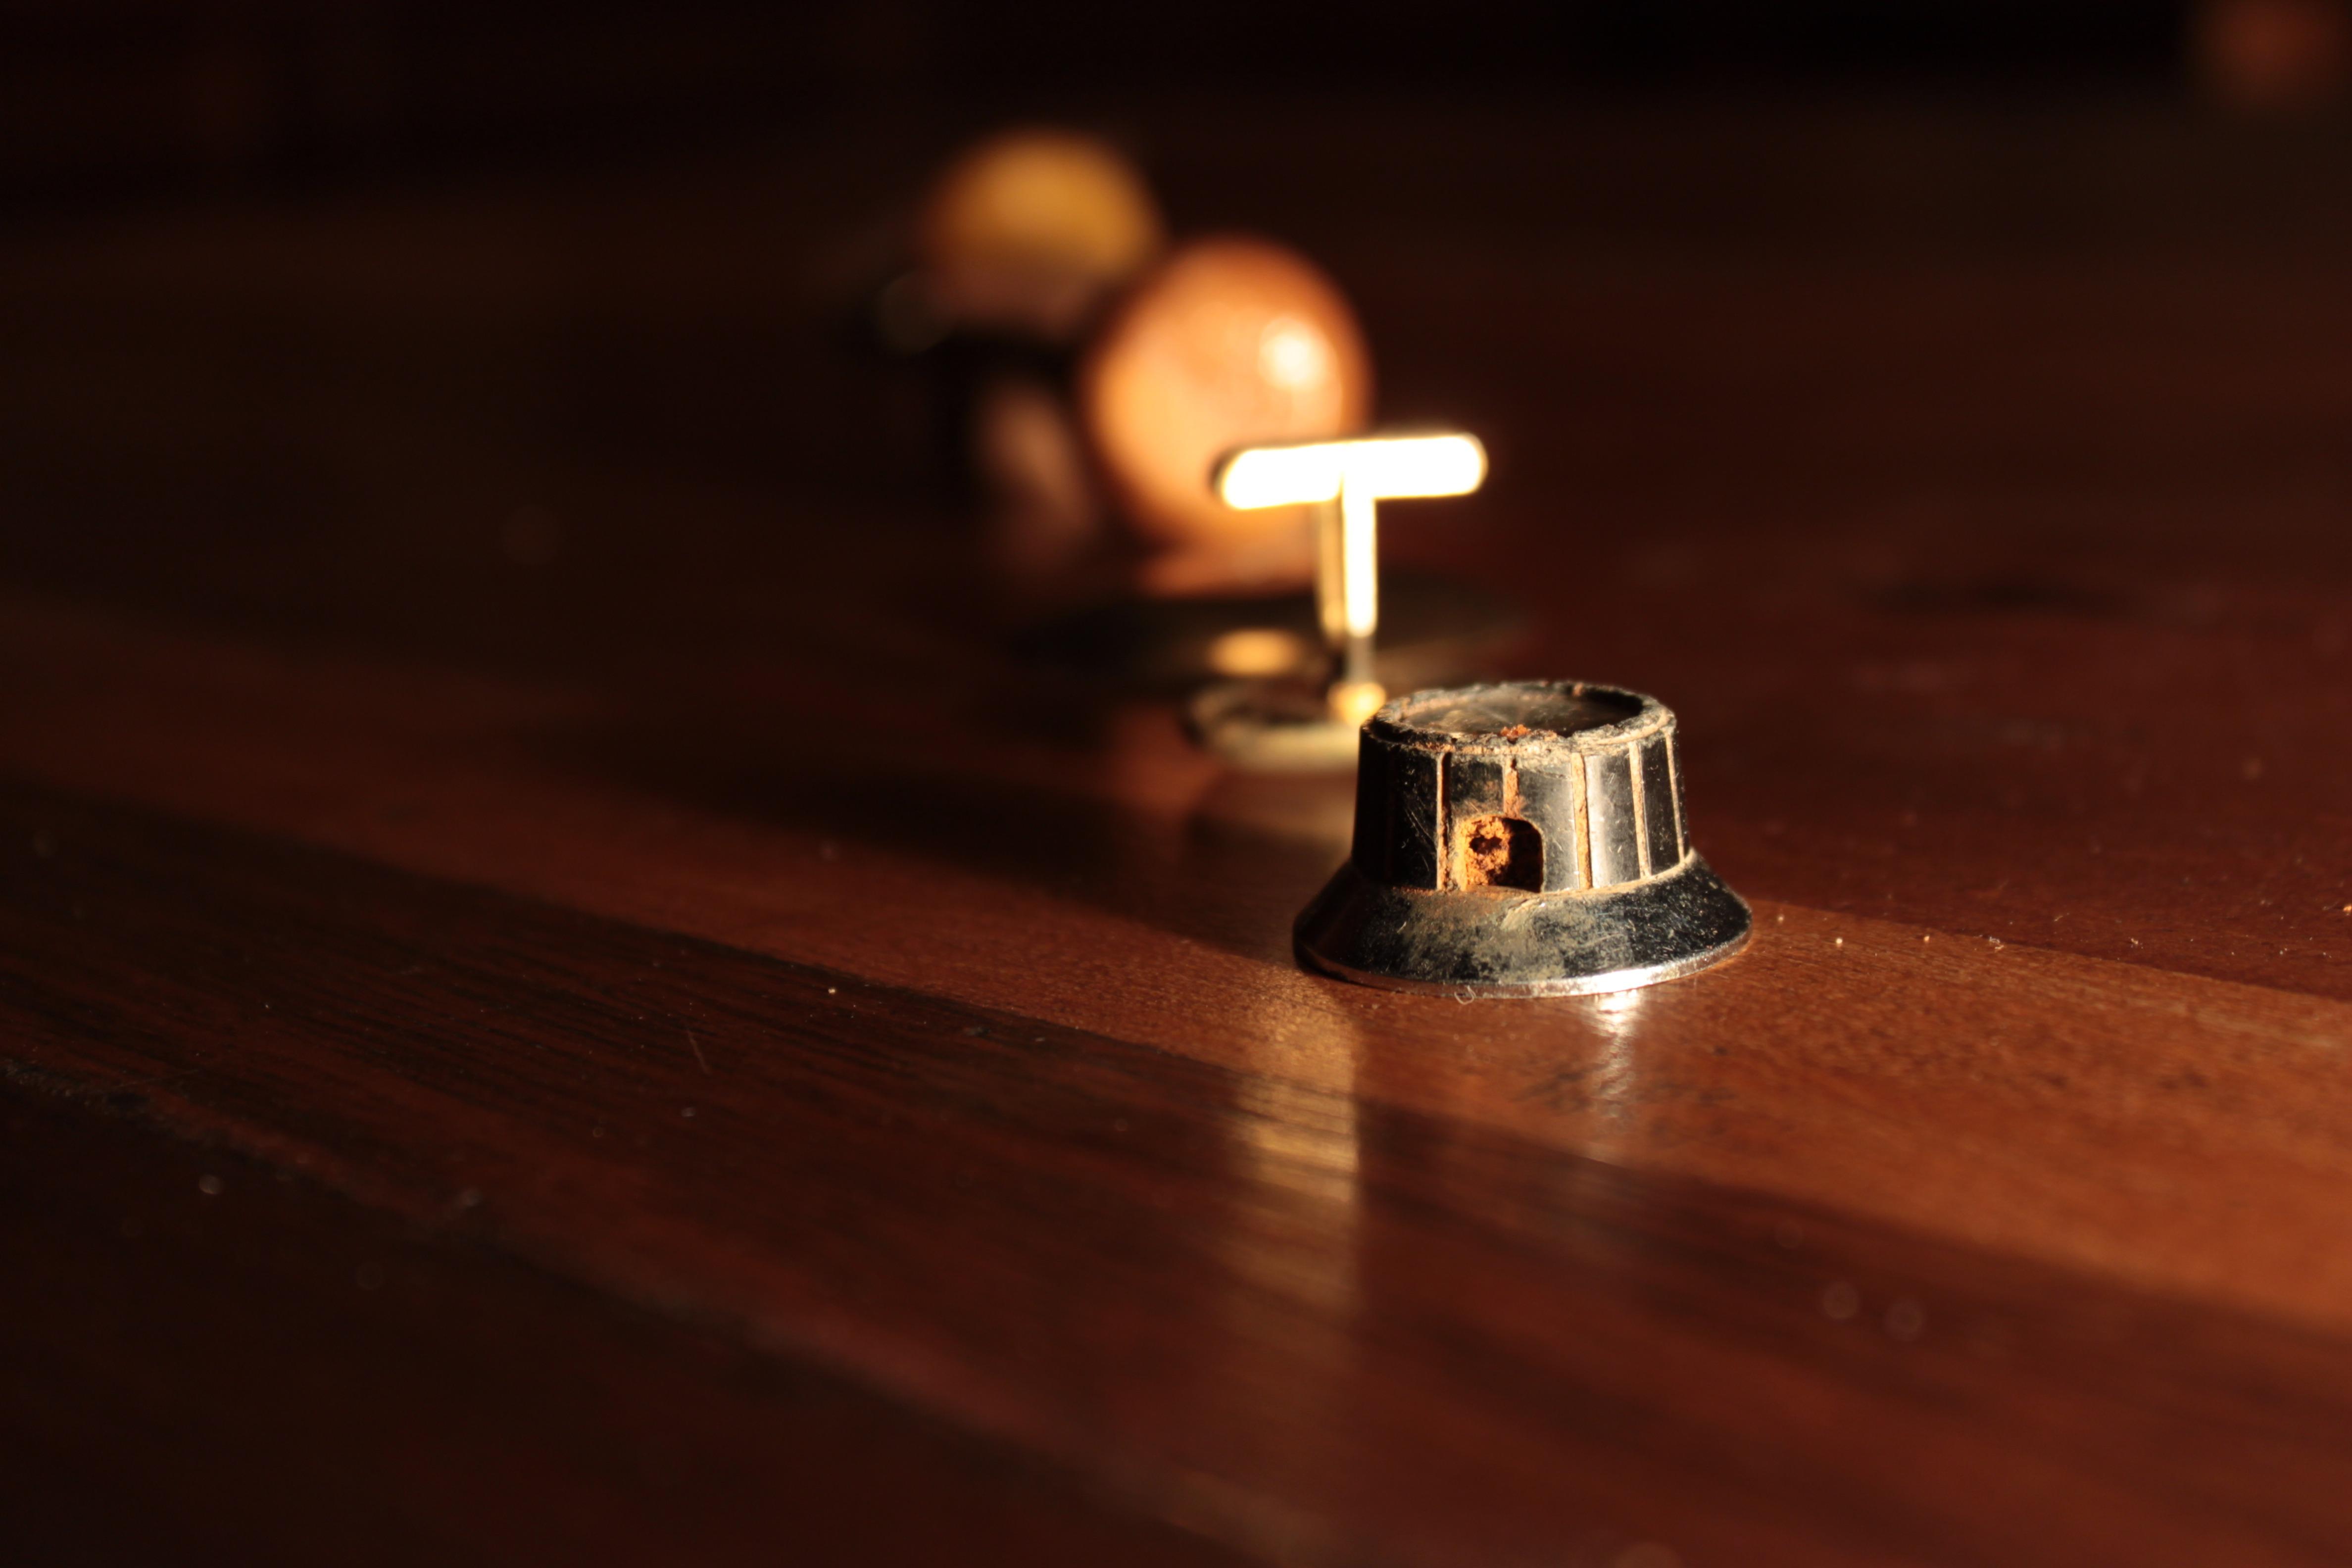 Gratis Afbeeldingen : licht, hout, gitaar, oud, duisternis ...